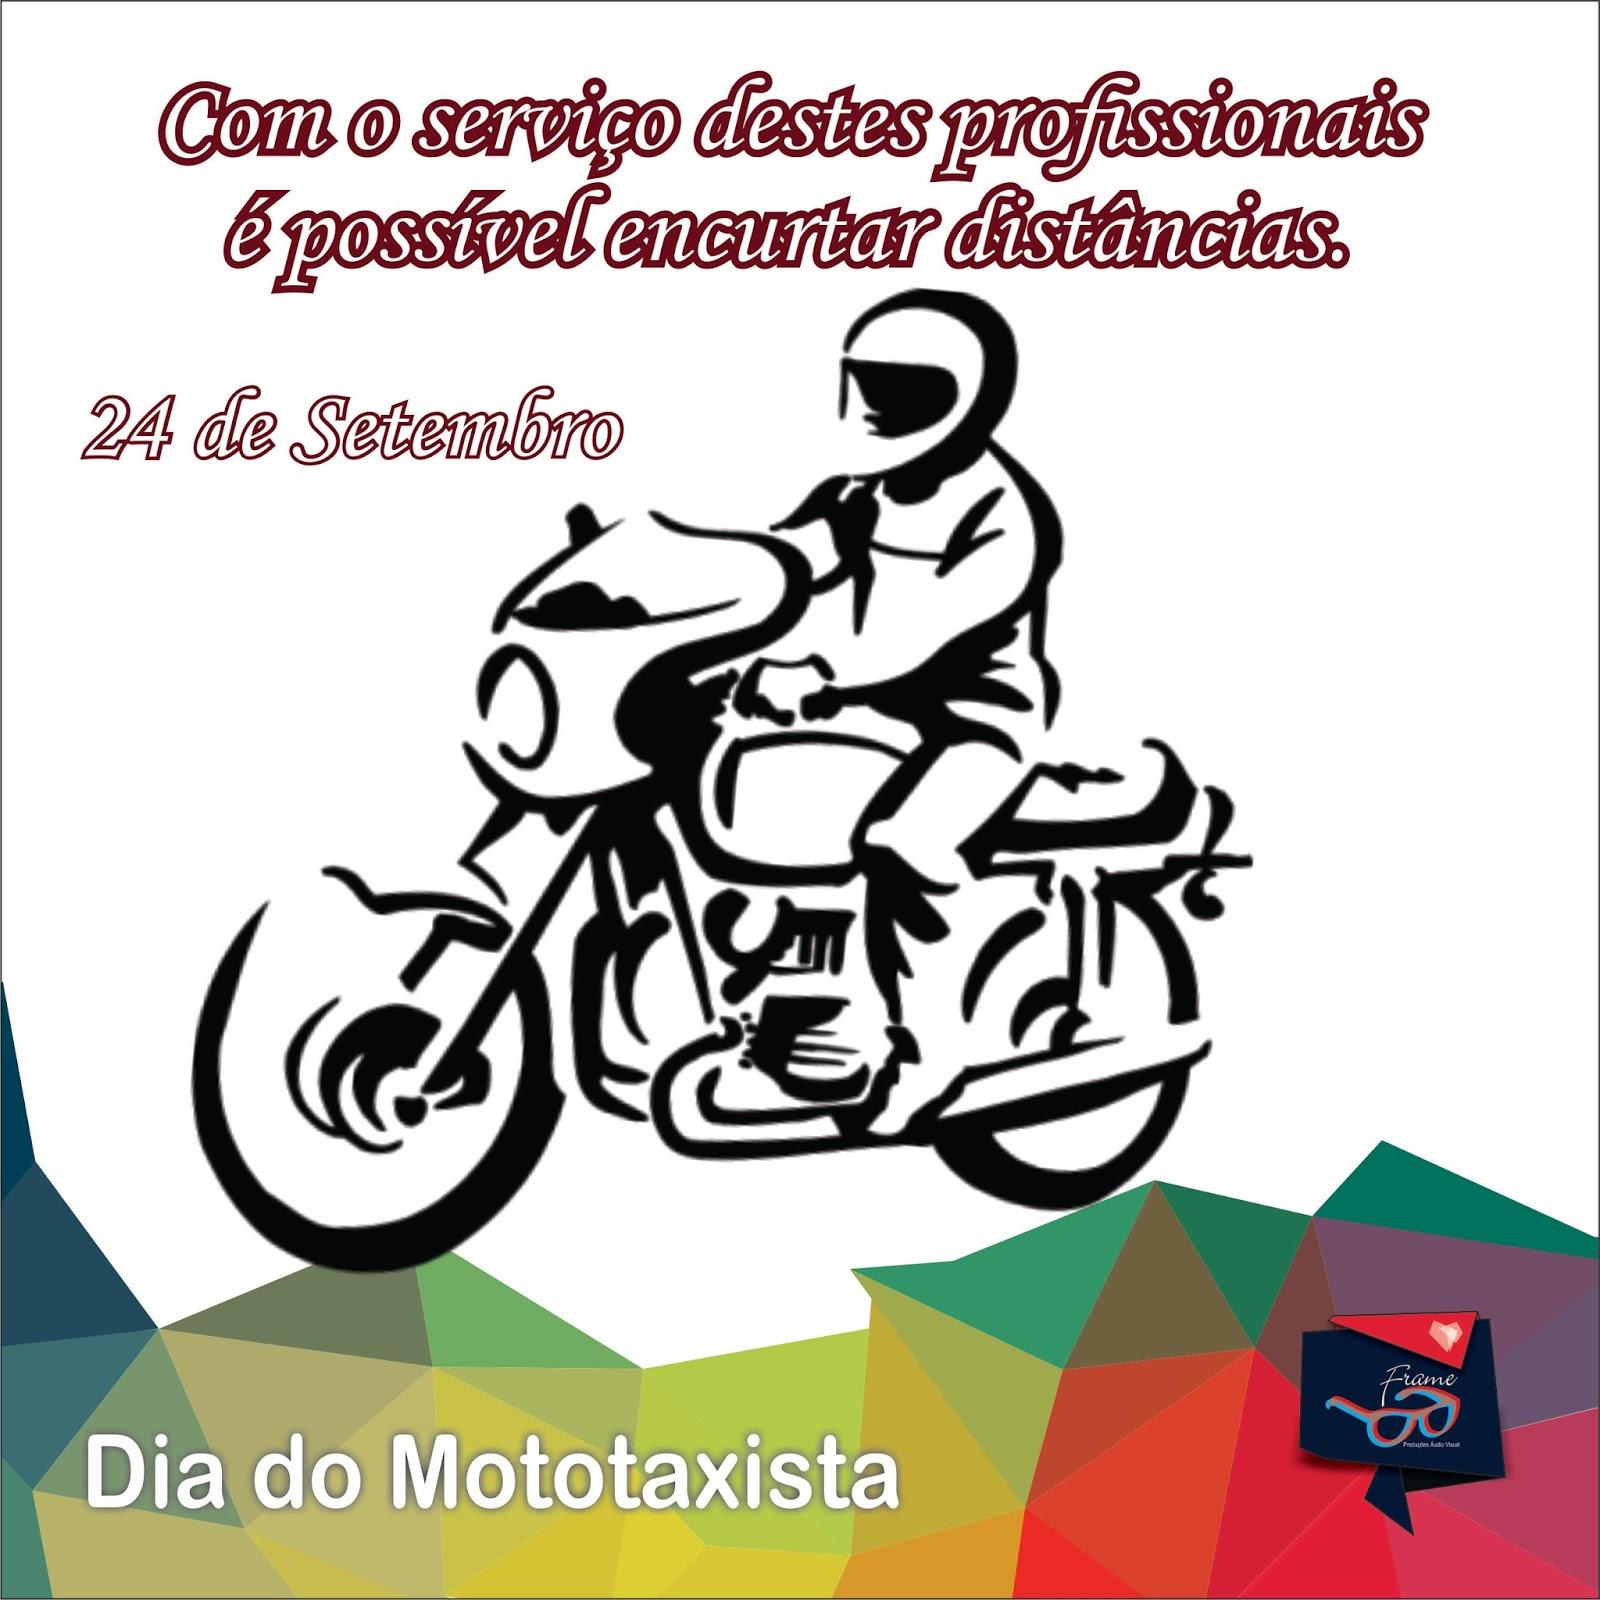 DALVA DAY: * 2016 - Dia do Mototaxista